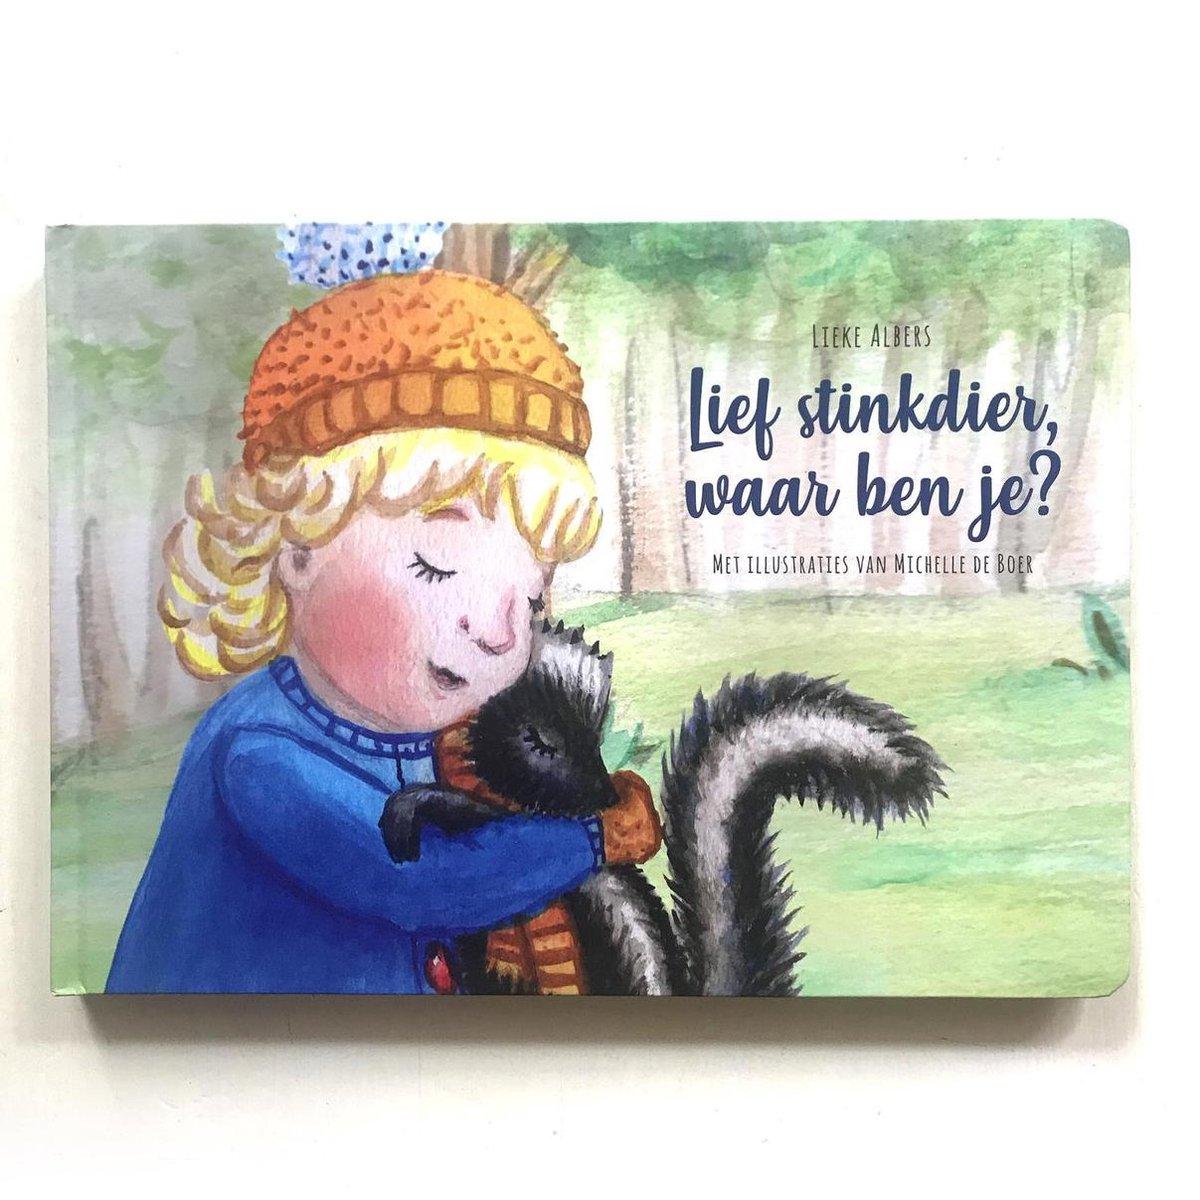 Lief stinkdier, waar ben je? - A4 peuterboek van karton - prentenboek met bosdieren voor dreumes, peuter en kleuter- Auteur Lieke Albers - Met illustraties van Mies